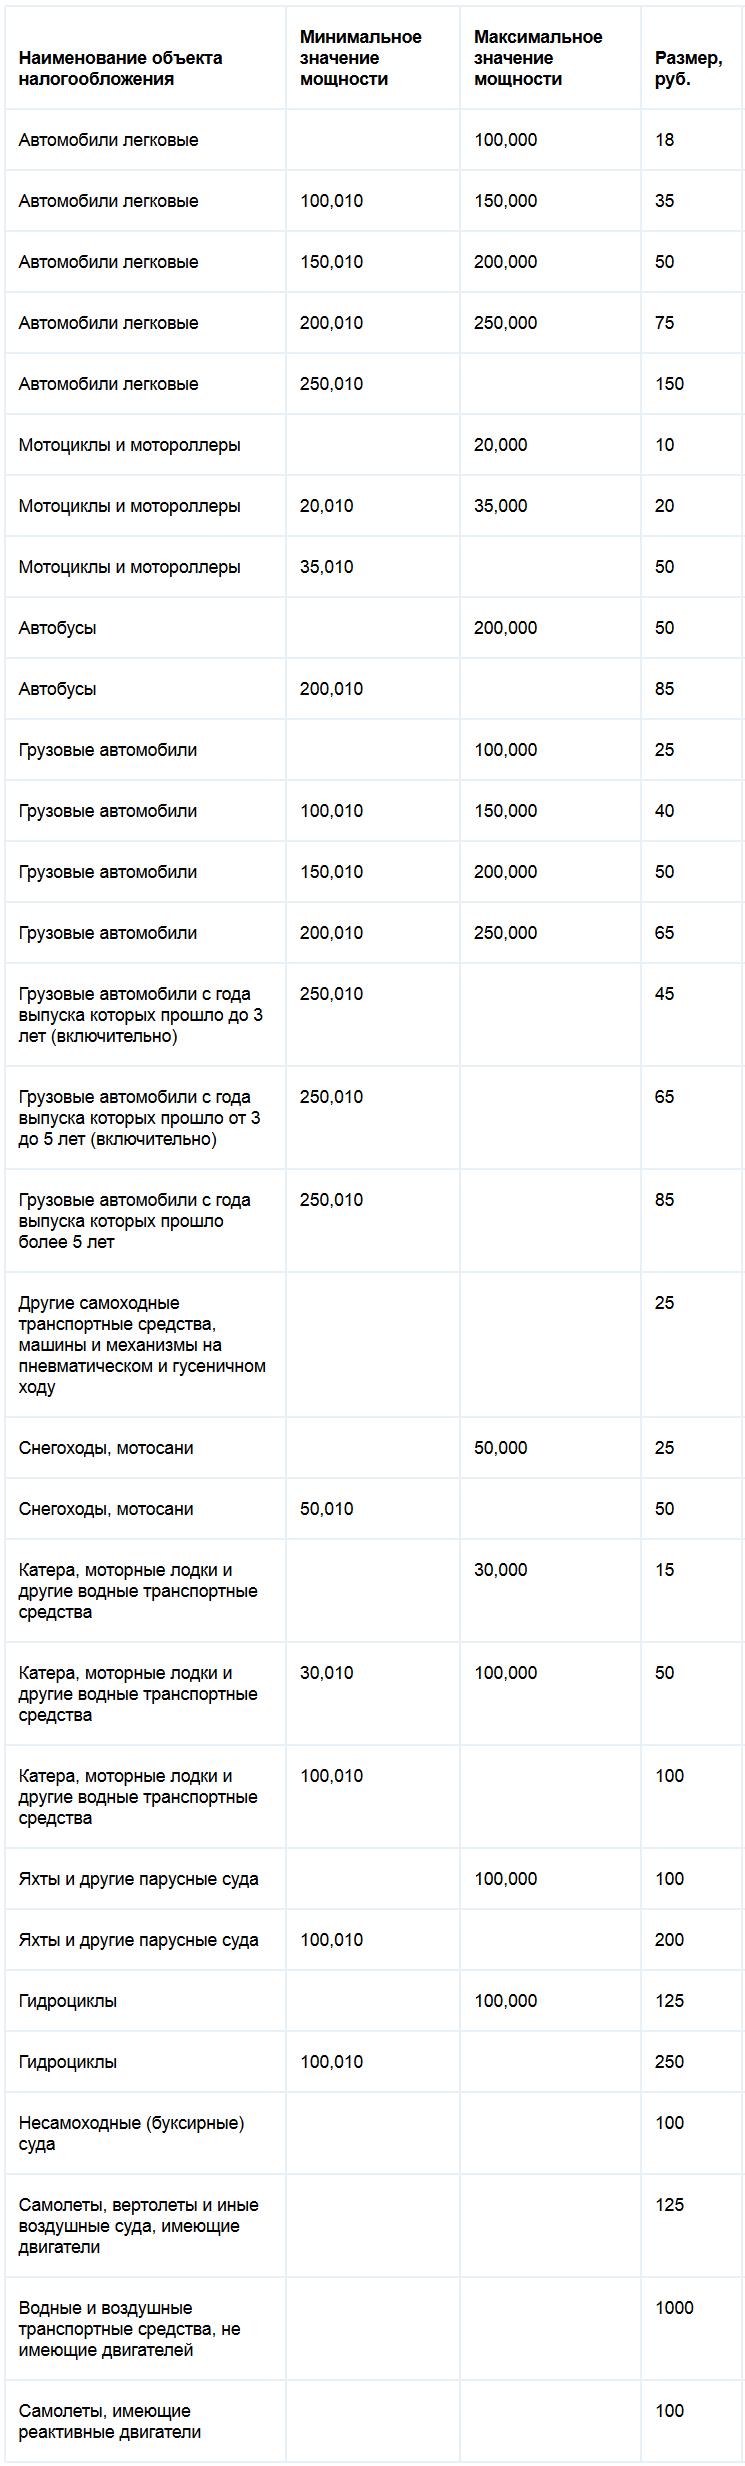 Льготы пенсионерам в москве в 2016 году за капремонт